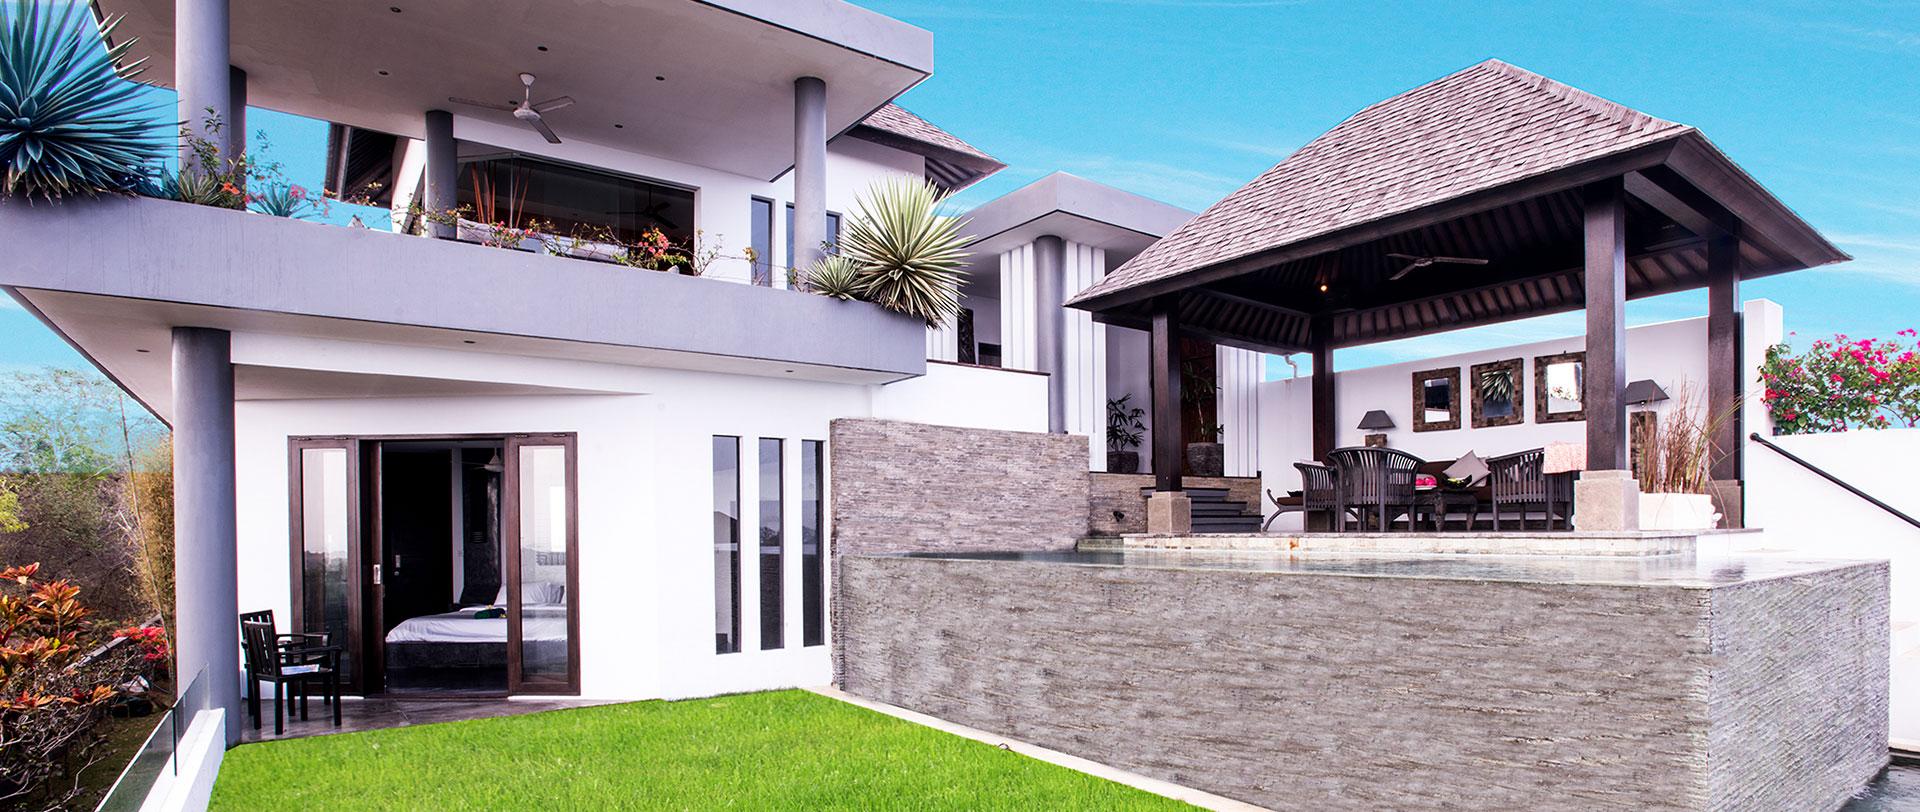 Villas in Bukit Jimbaran - Facilities3_20160207044516